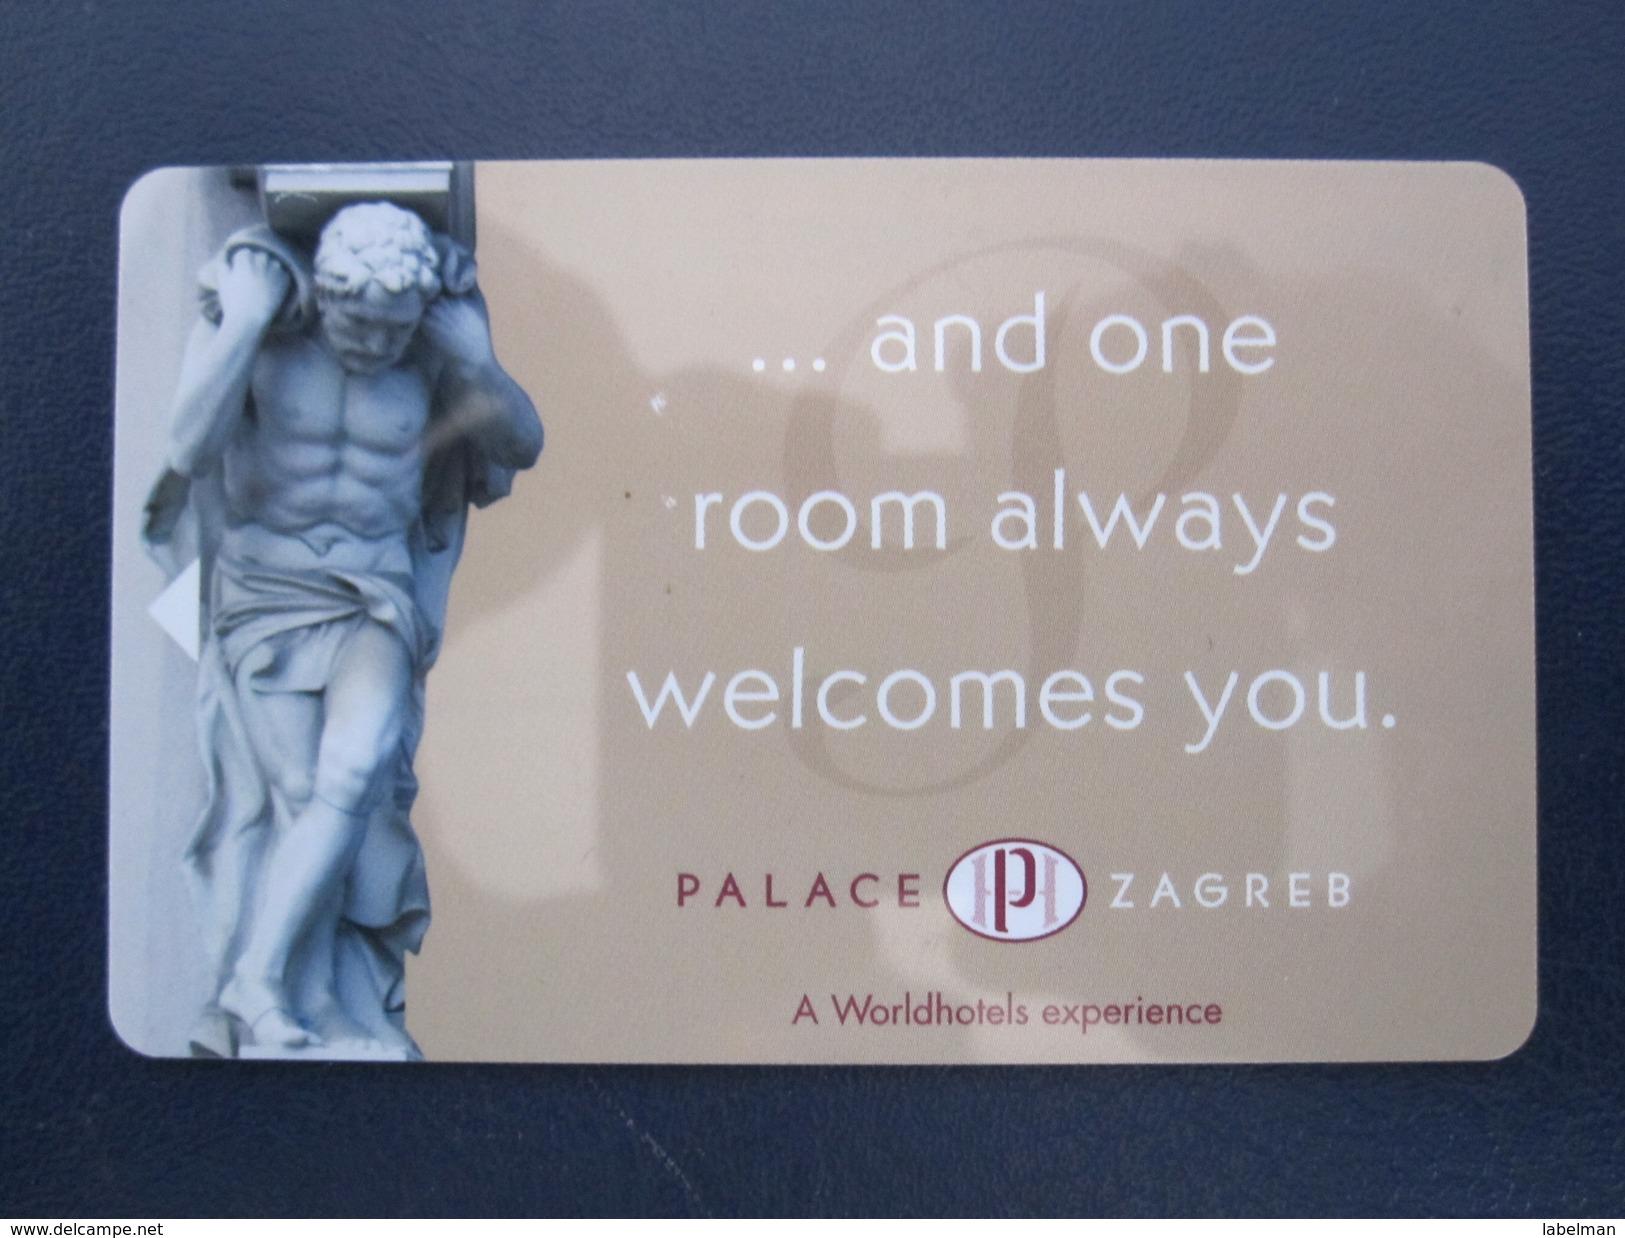 HOTEL MOTEL INN CLUB PALACE ZAGREB CROATIA  KEY TOWEL CARD - Hotel Labels